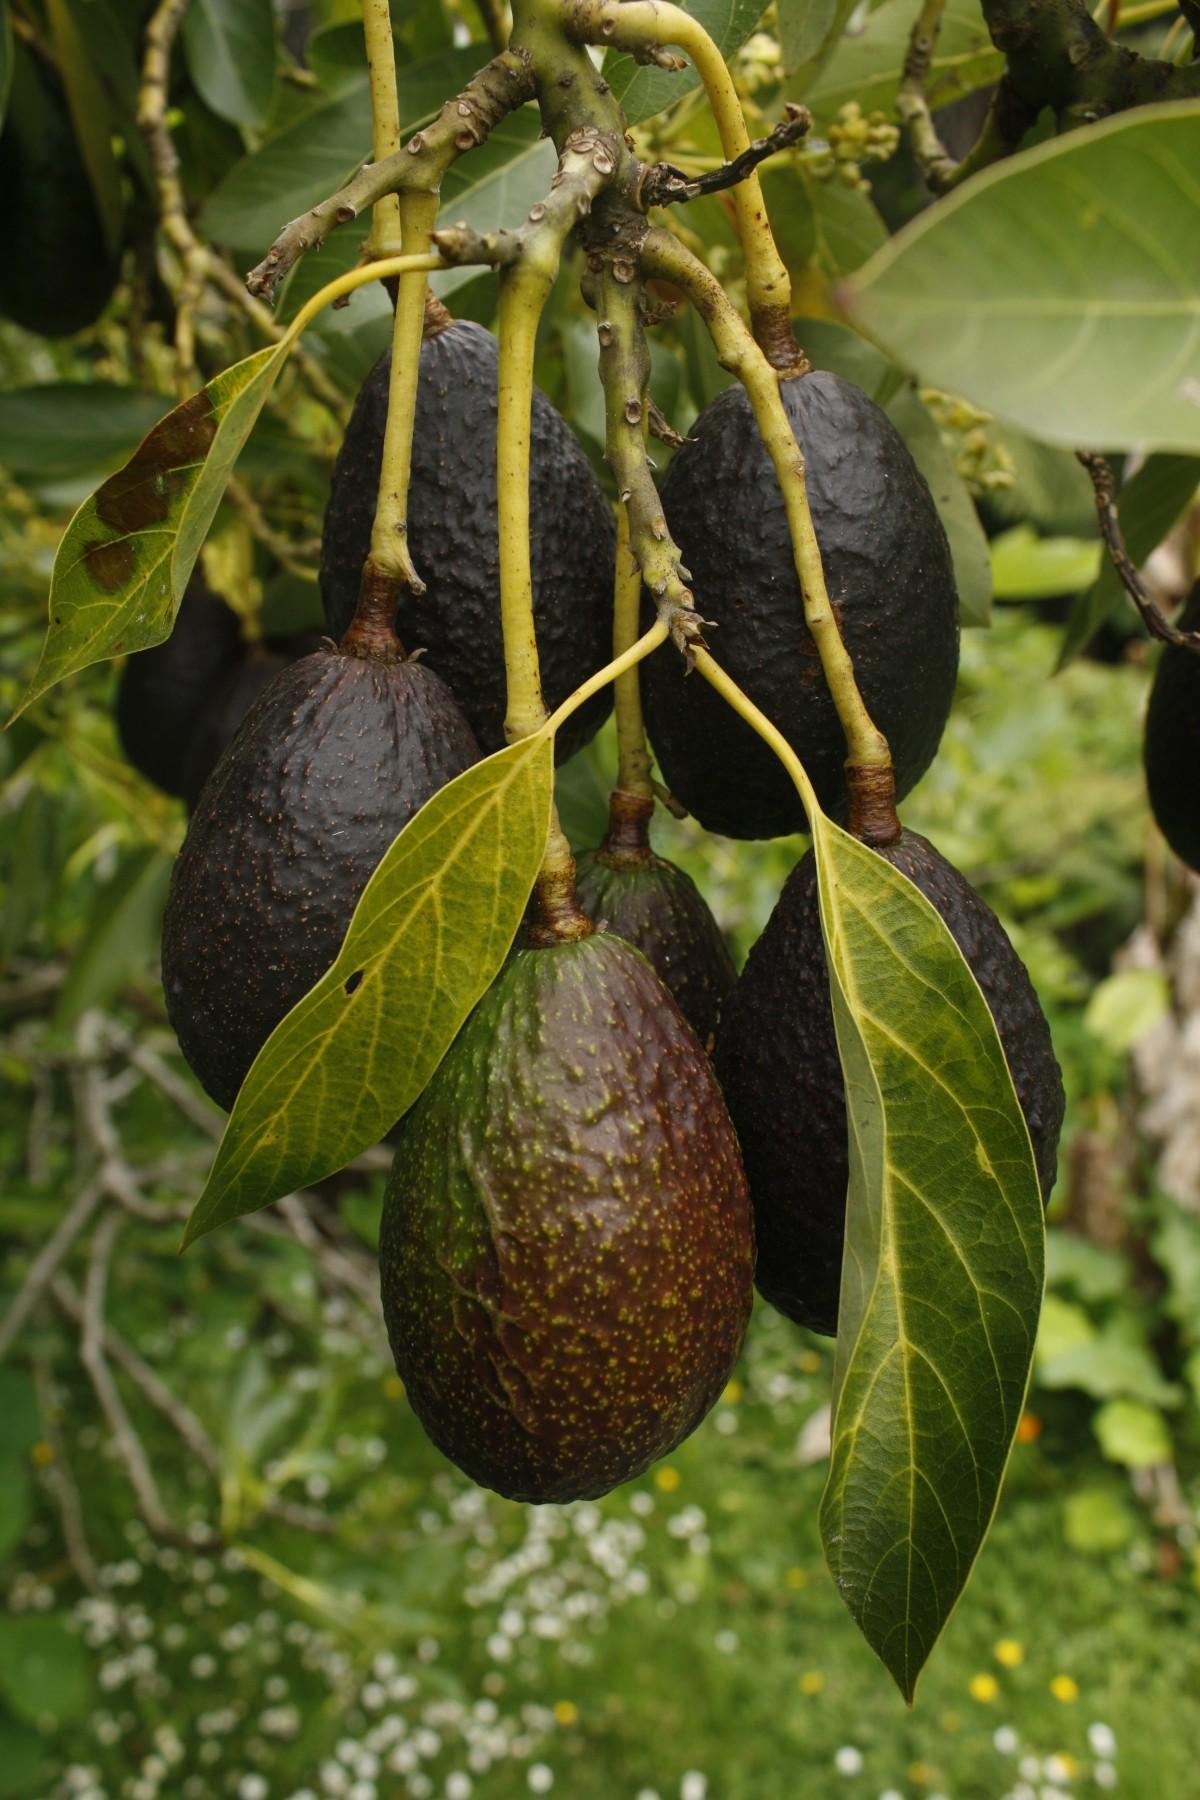 bildet tre anlegg frukt mat gr nn produsere naturlig evergreen avokado busk feijoa. Black Bedroom Furniture Sets. Home Design Ideas